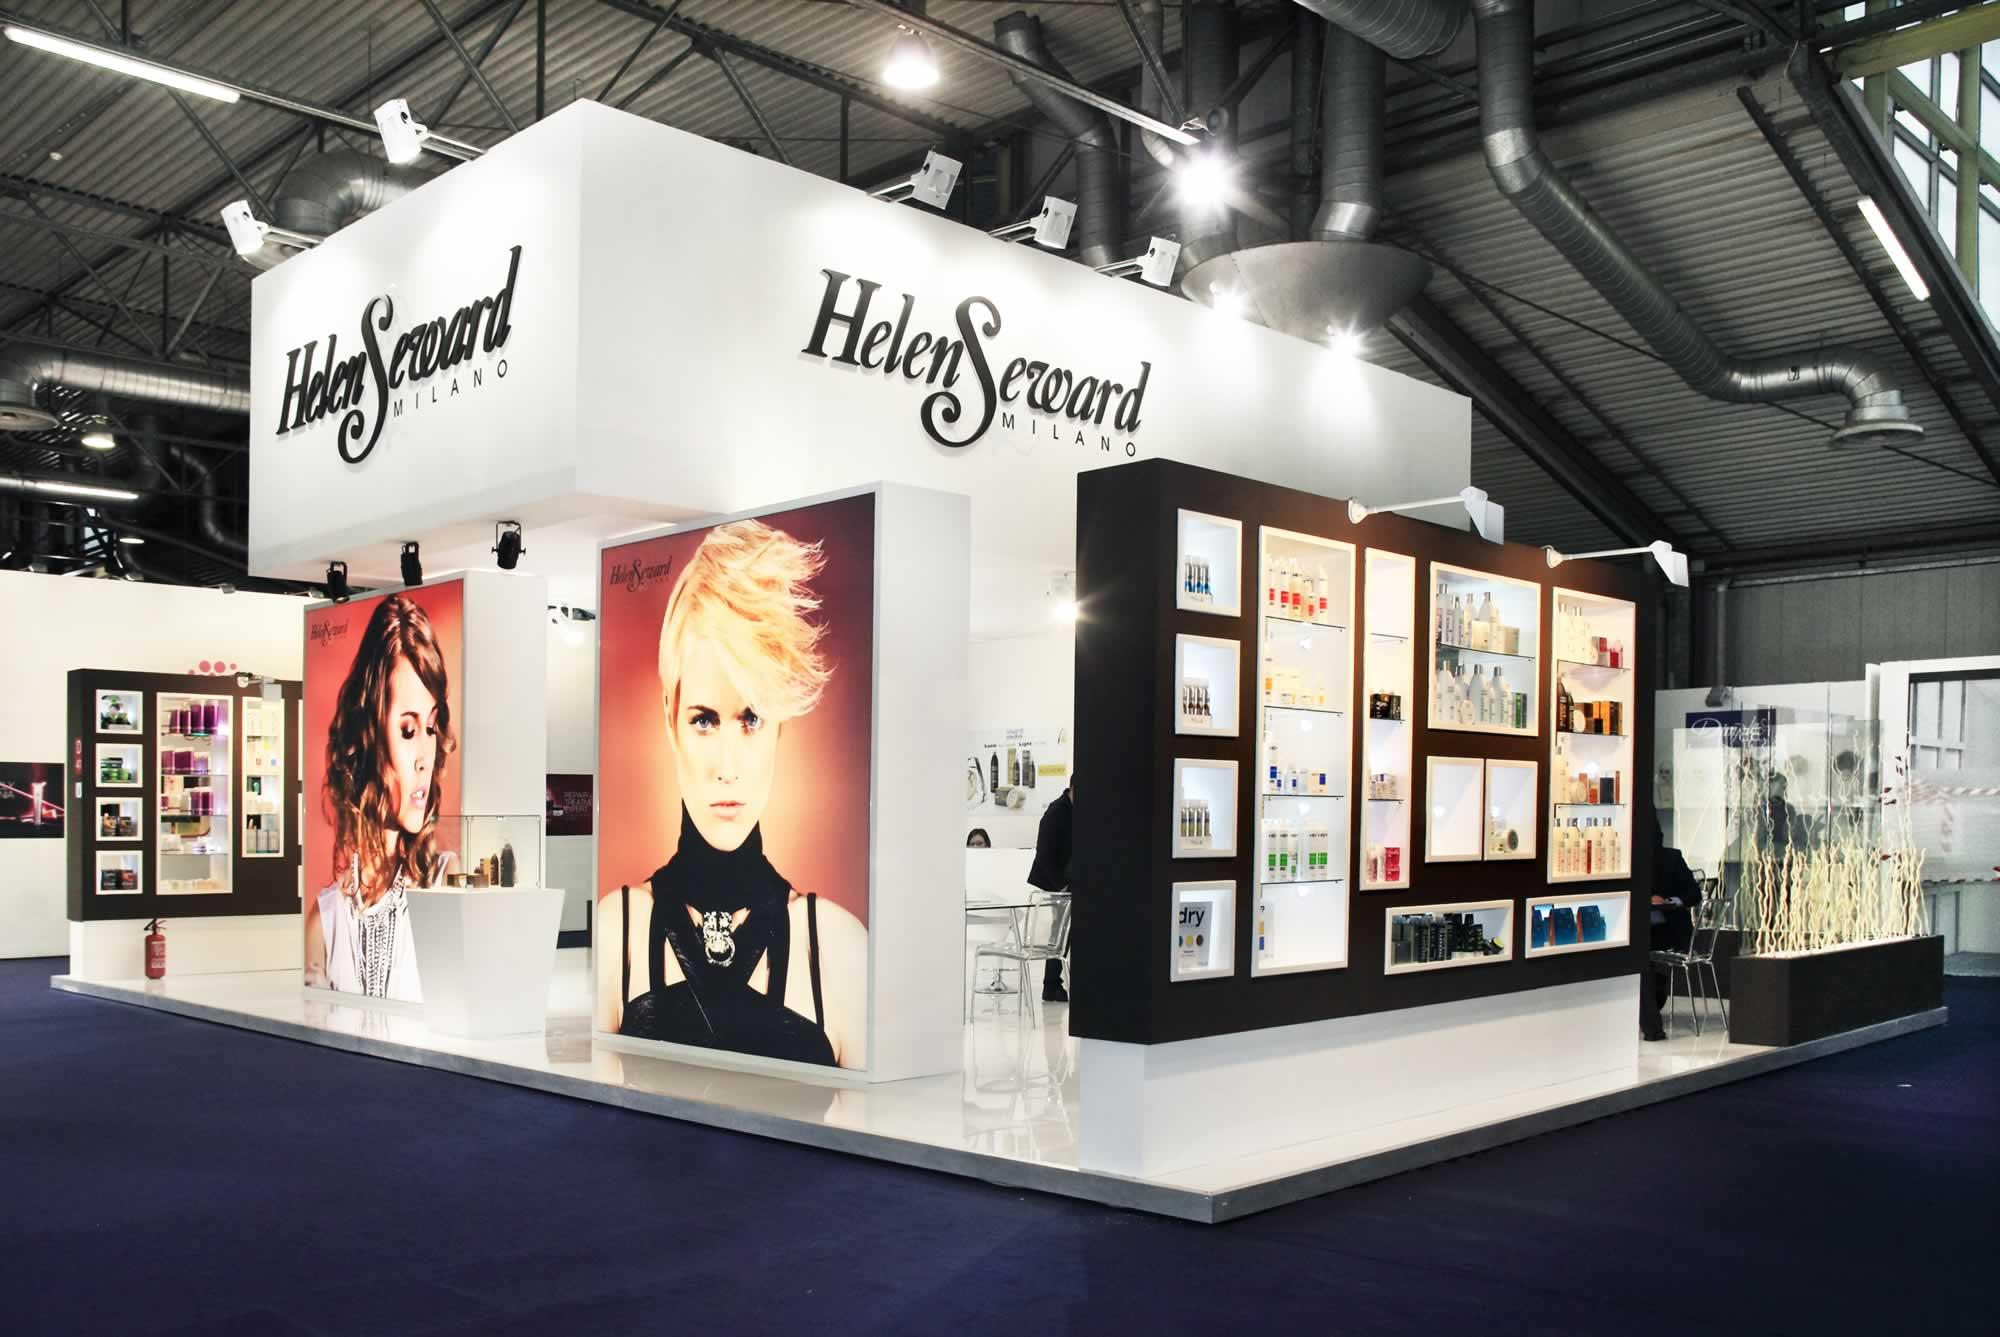 Hair Expo Stands : Hair show bologna italy